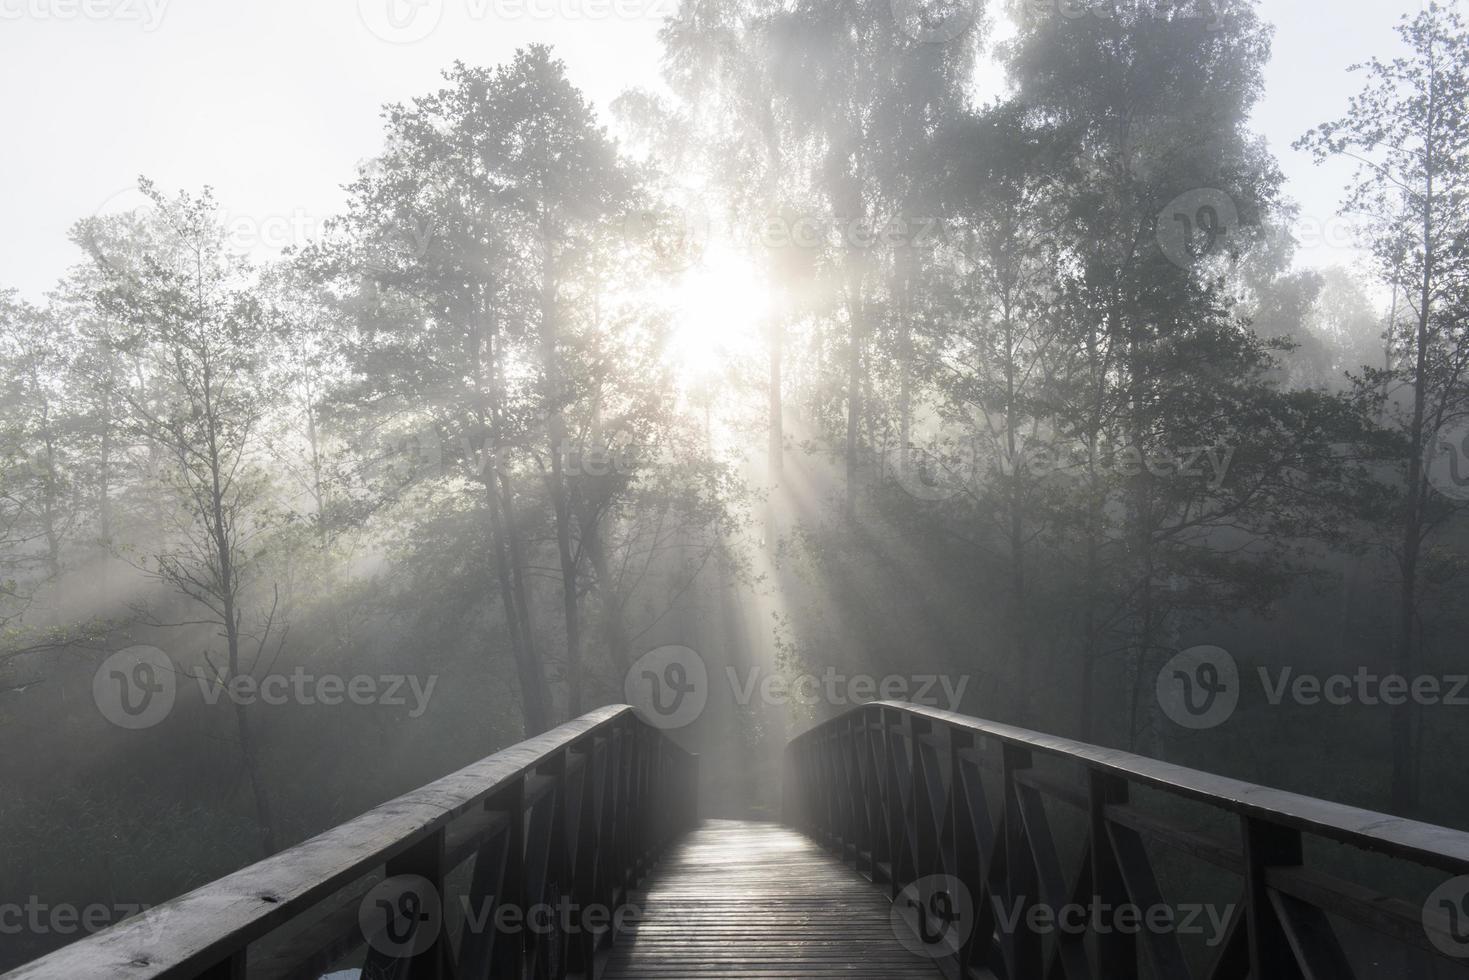 paesaggio nebbioso con il vecchio ponte e la sagoma dell'albero foto